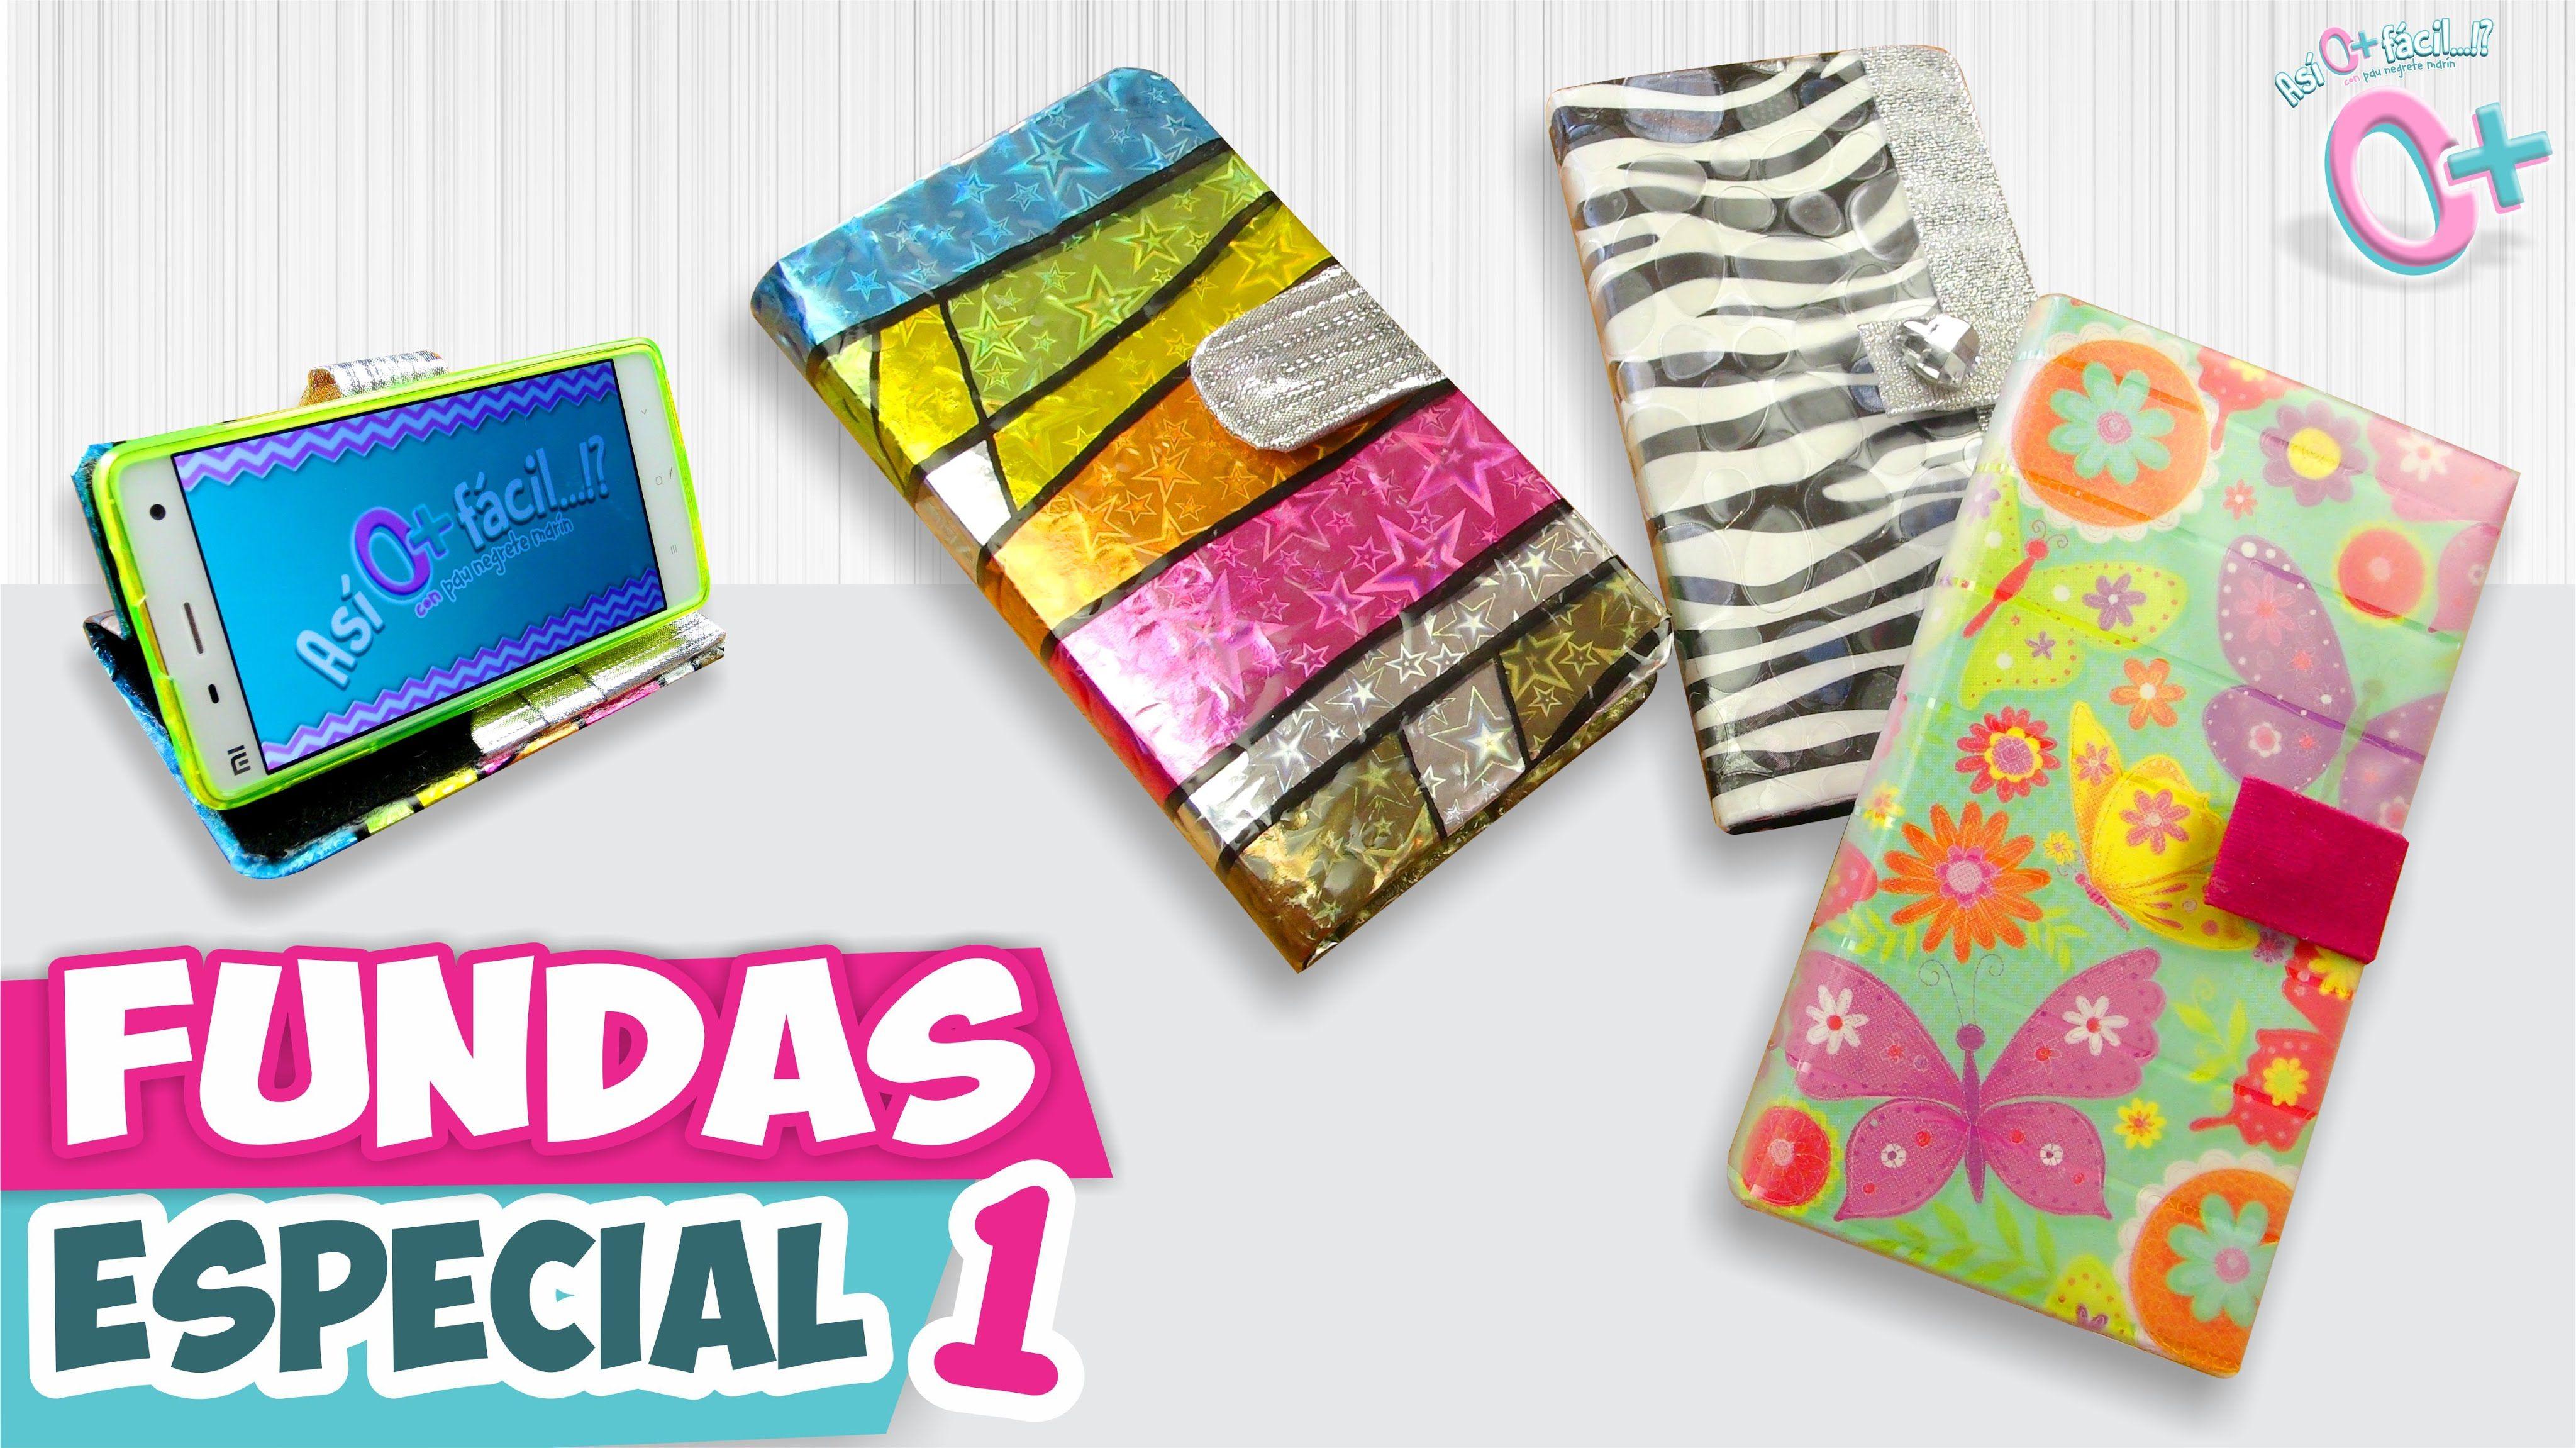 DIY✓ FUNDAS CASERAS para Celular - Papel y Hule (Especial 1) ☆Así o más  fácil☆ | Craft videos, Diy paper, Craft tutorials